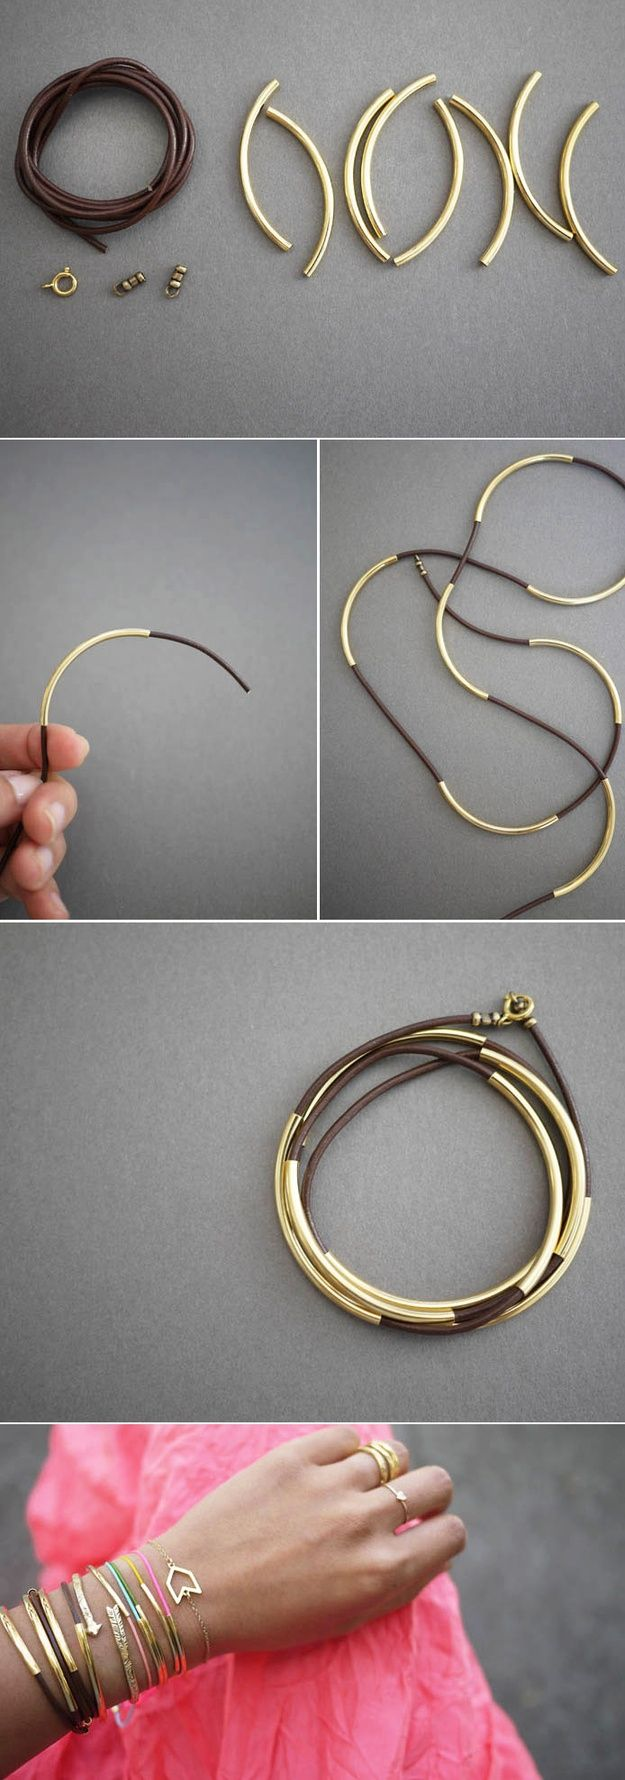 Regards et Maisons: DIY - Bracelet spécial bronzage ;)